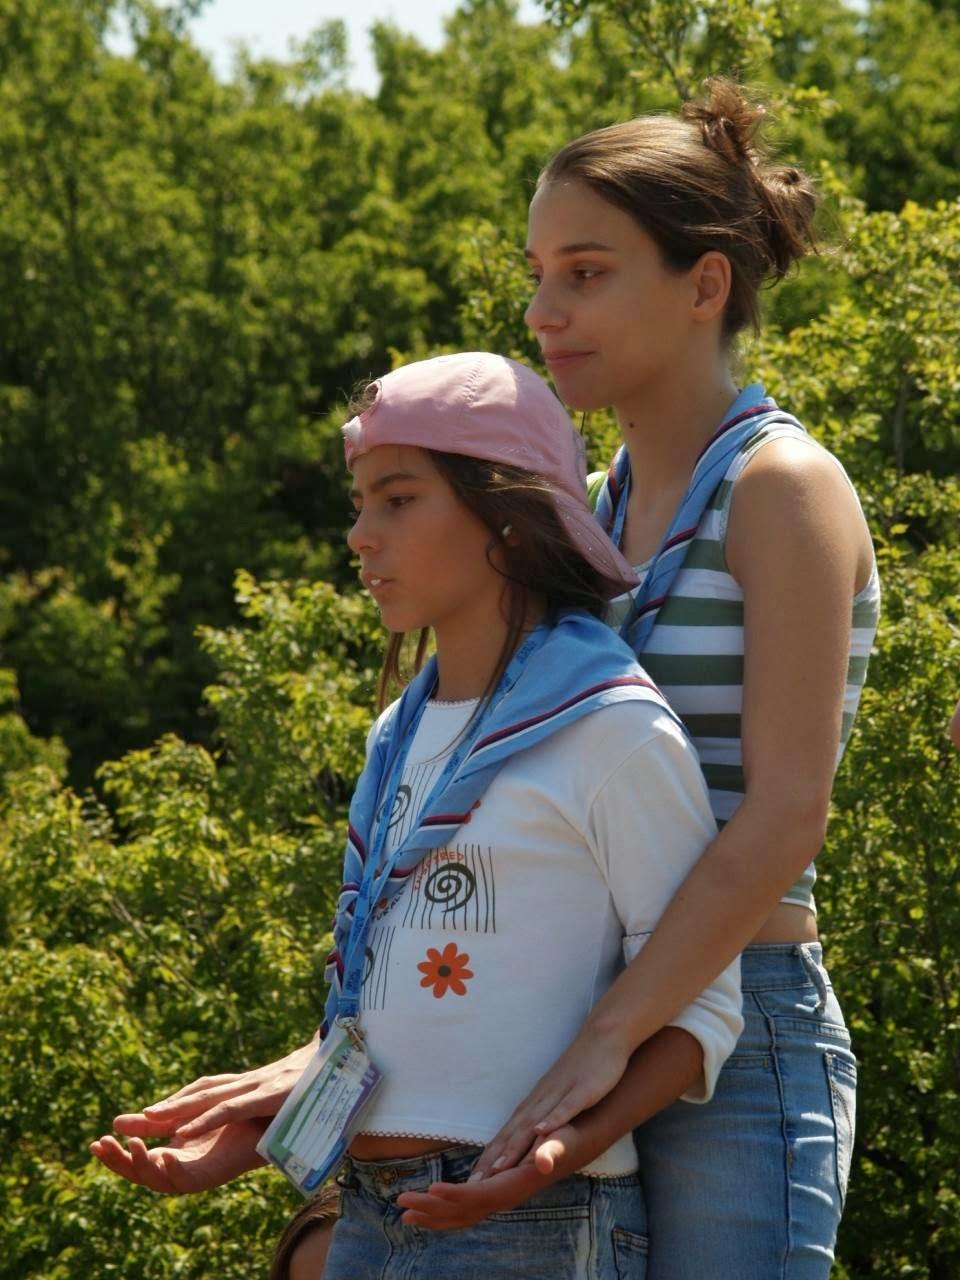 Smotra, Smotra 2006 - P0231169.JPG